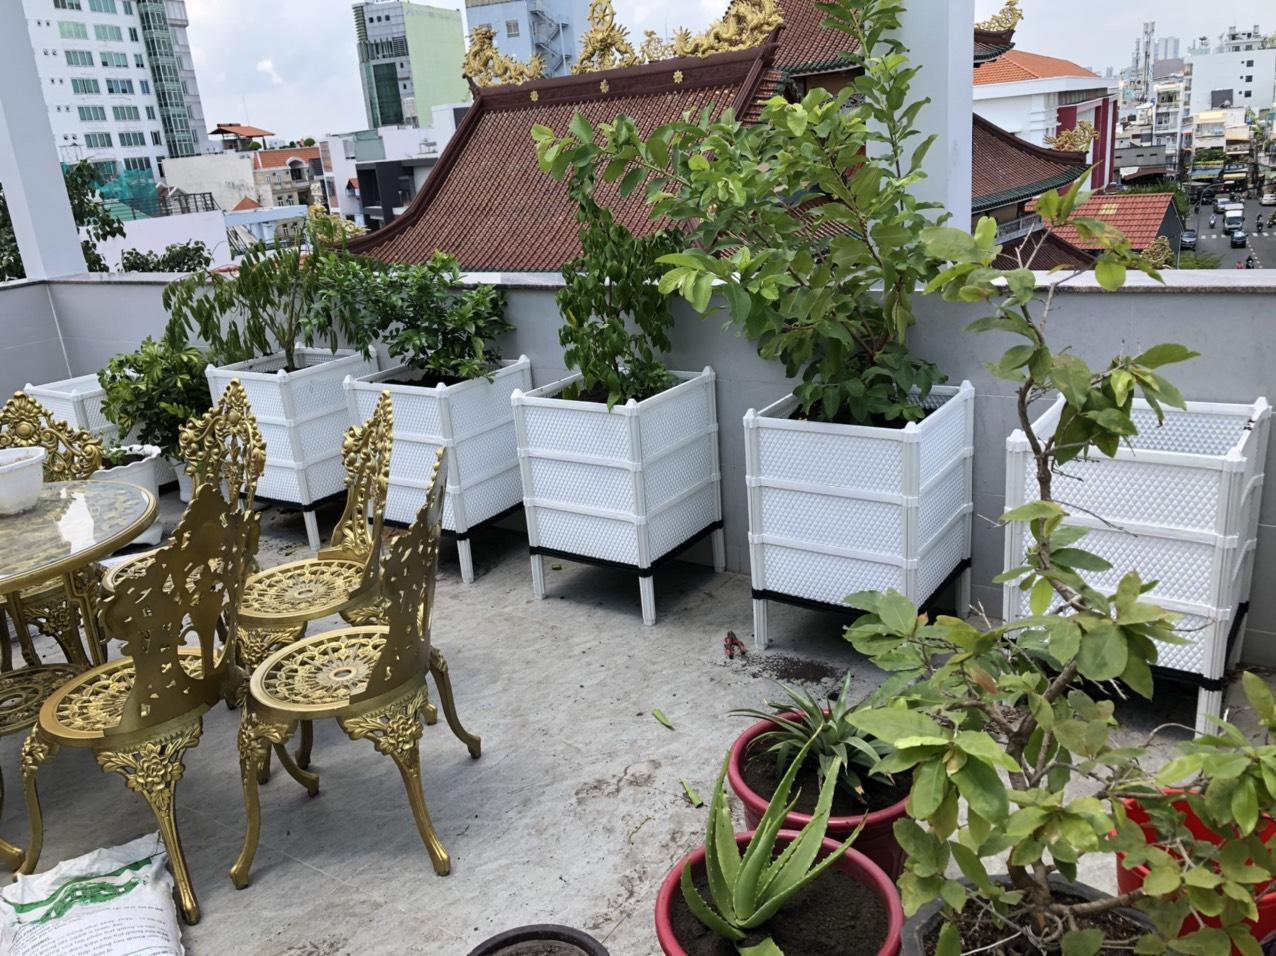 Quang Anh HCM thi công vườn rau sạch giá rẻ tại nhà bằng chậu ghép thông minh